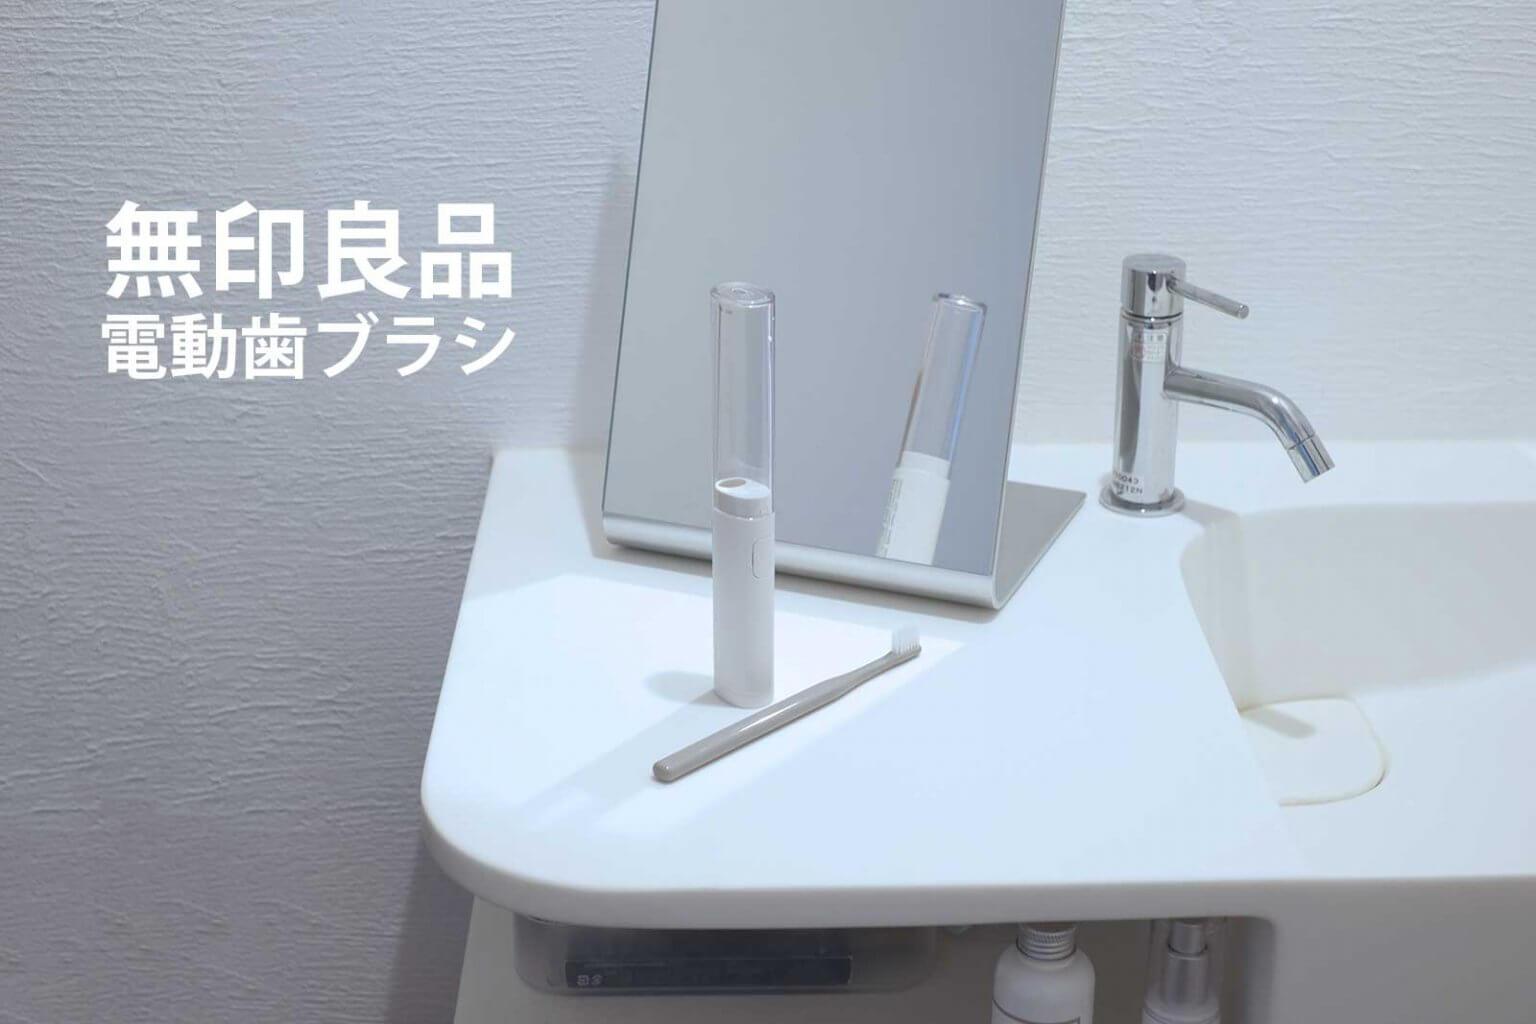 【レビュー】無印良品の音波電動歯ブラシは外出用や旅行用に最適!もちろん家庭用としても◎